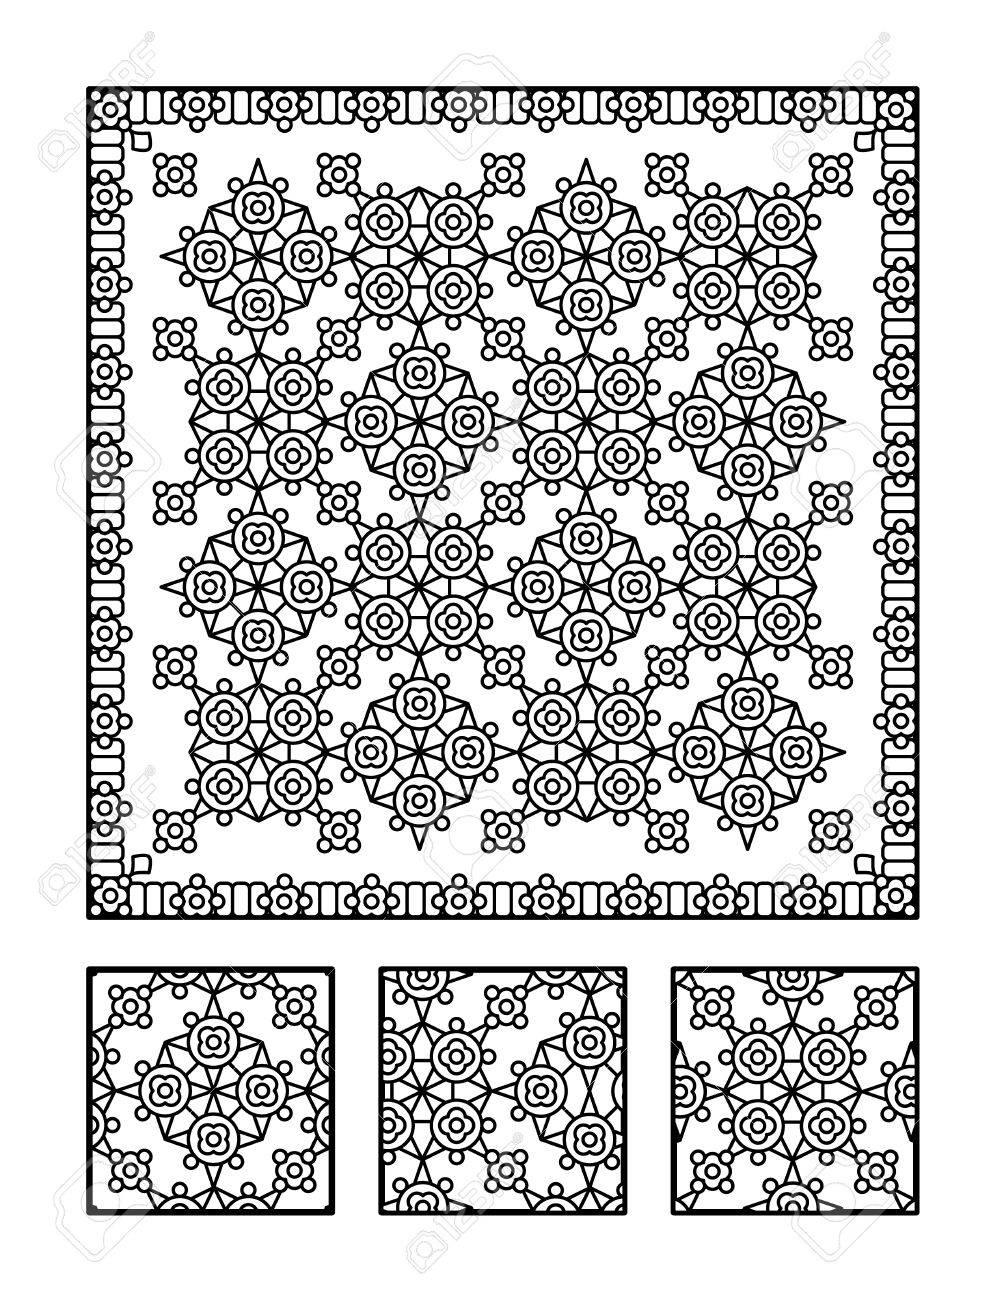 Großzügig Geometrische Muster Malvorlagen Für Kinder Zeitgenössisch ...